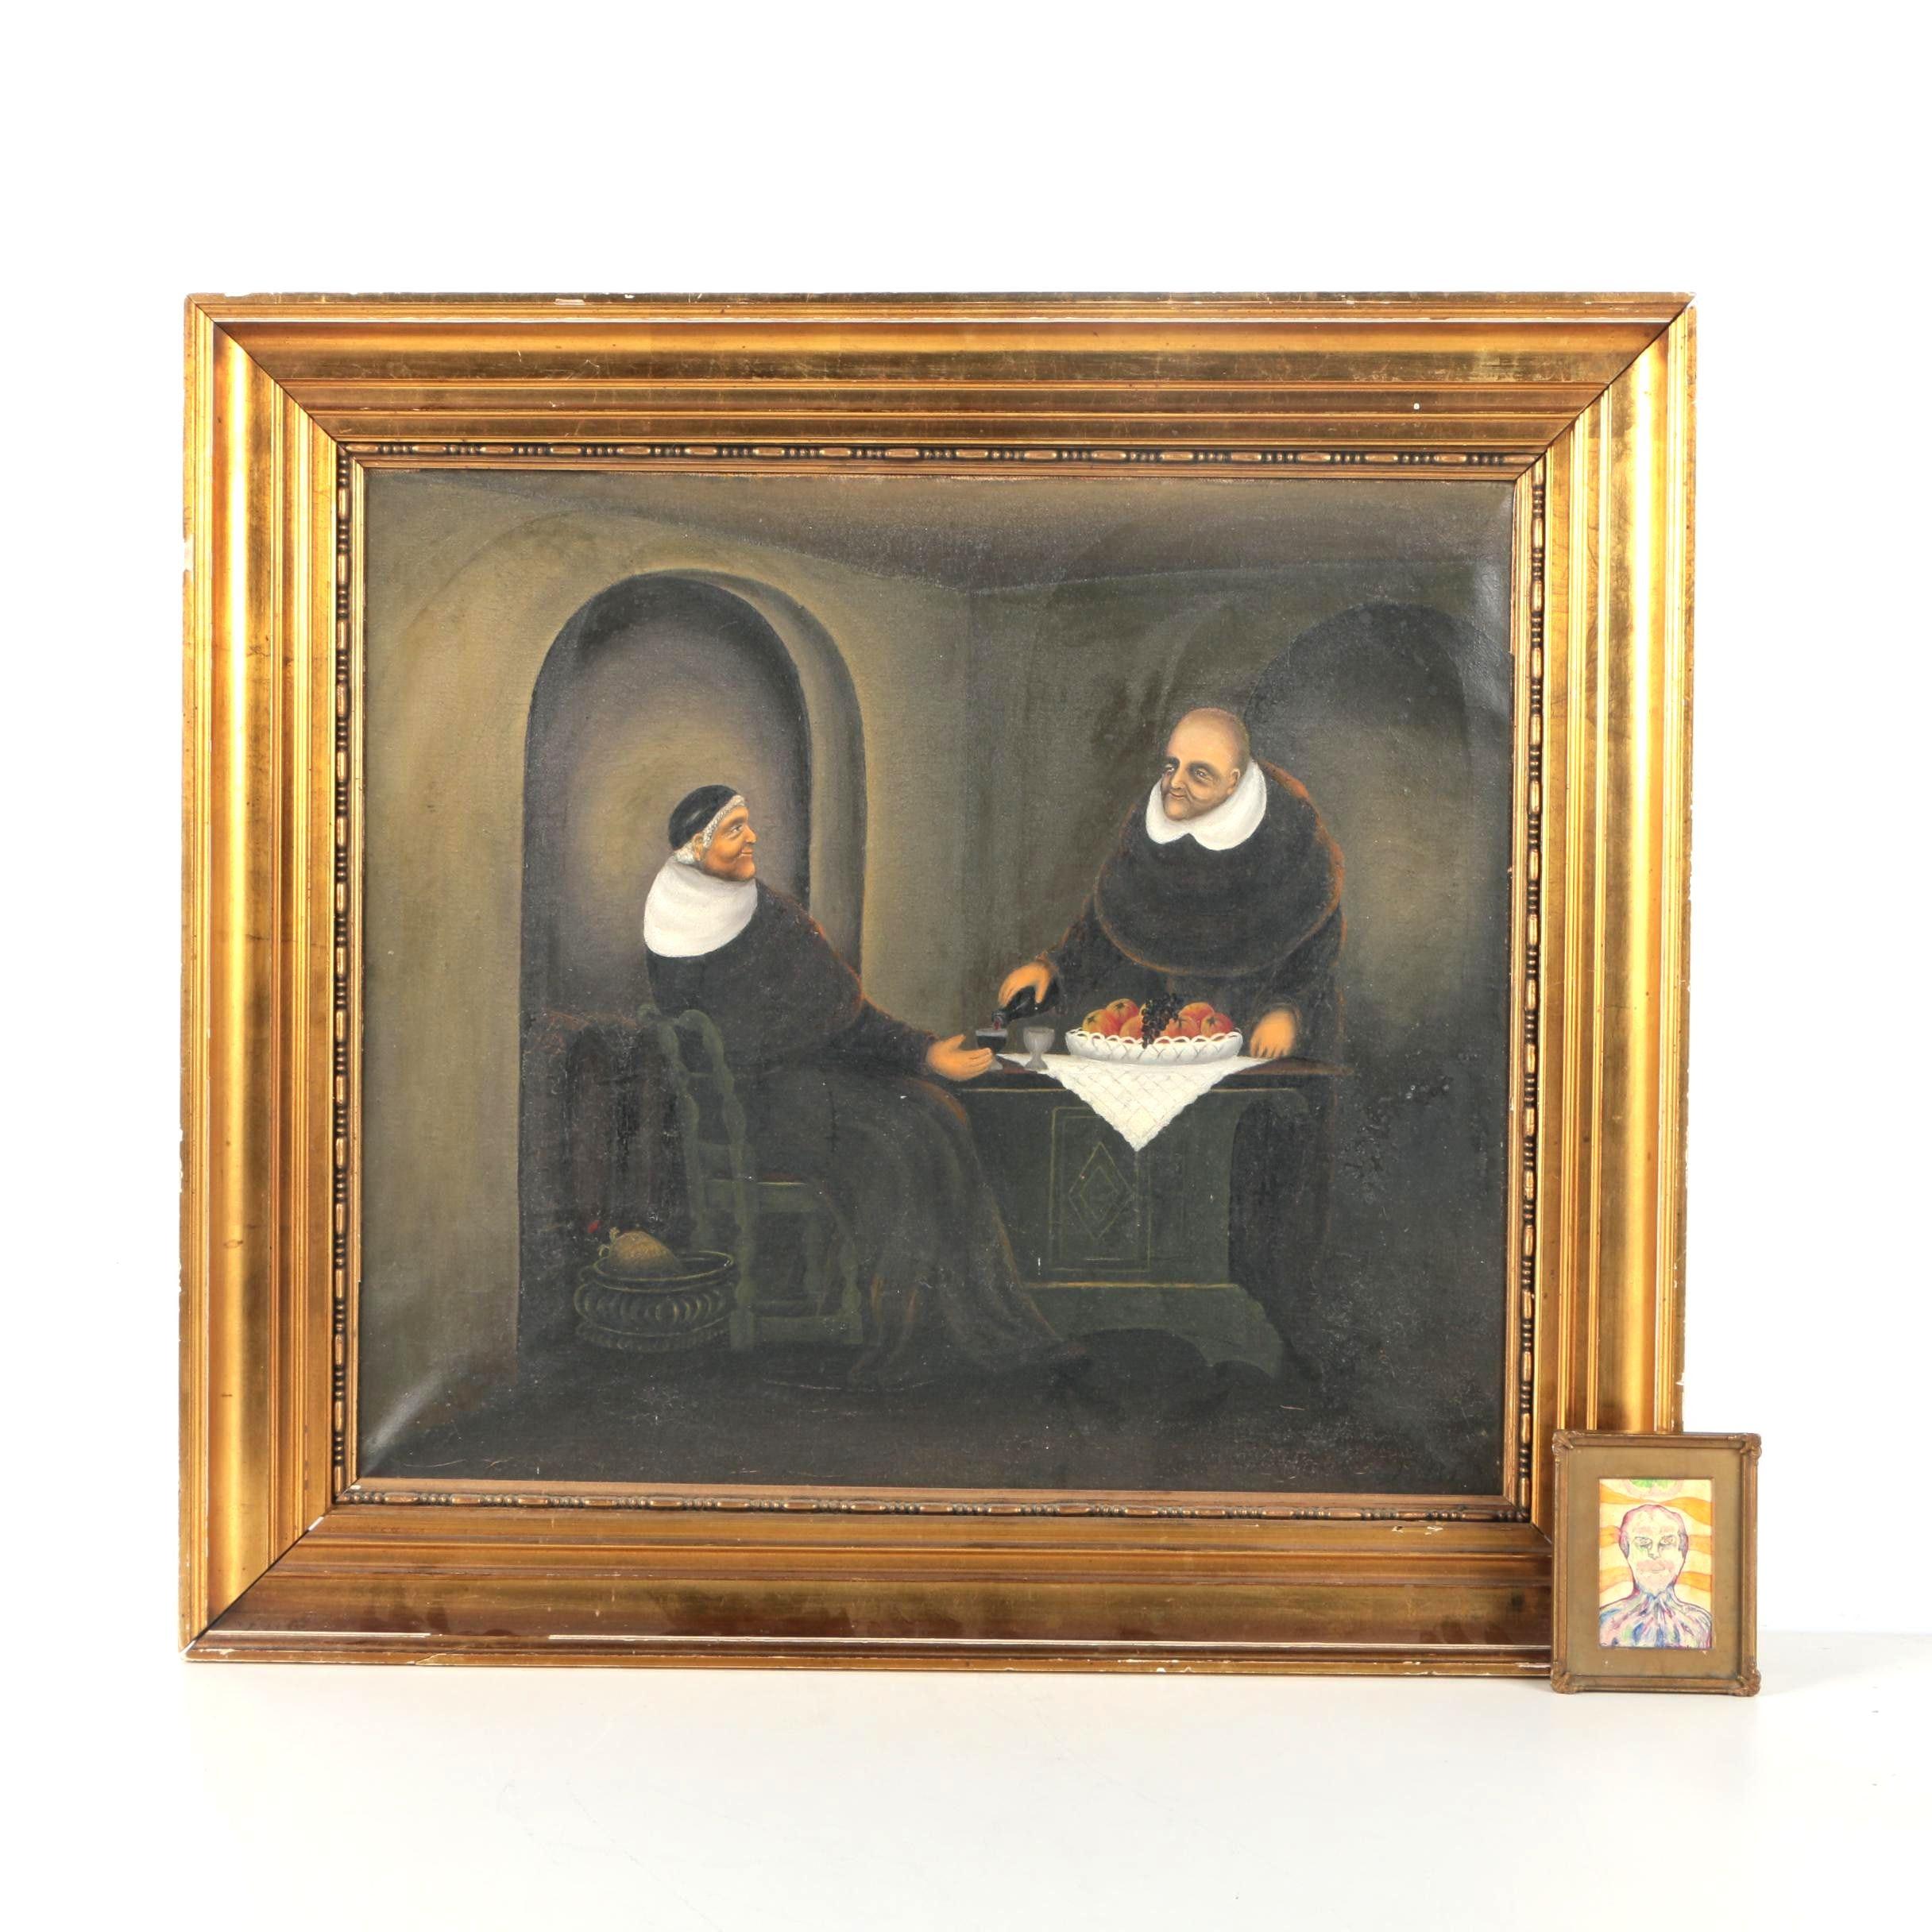 Pair of Framed Oil Paintings